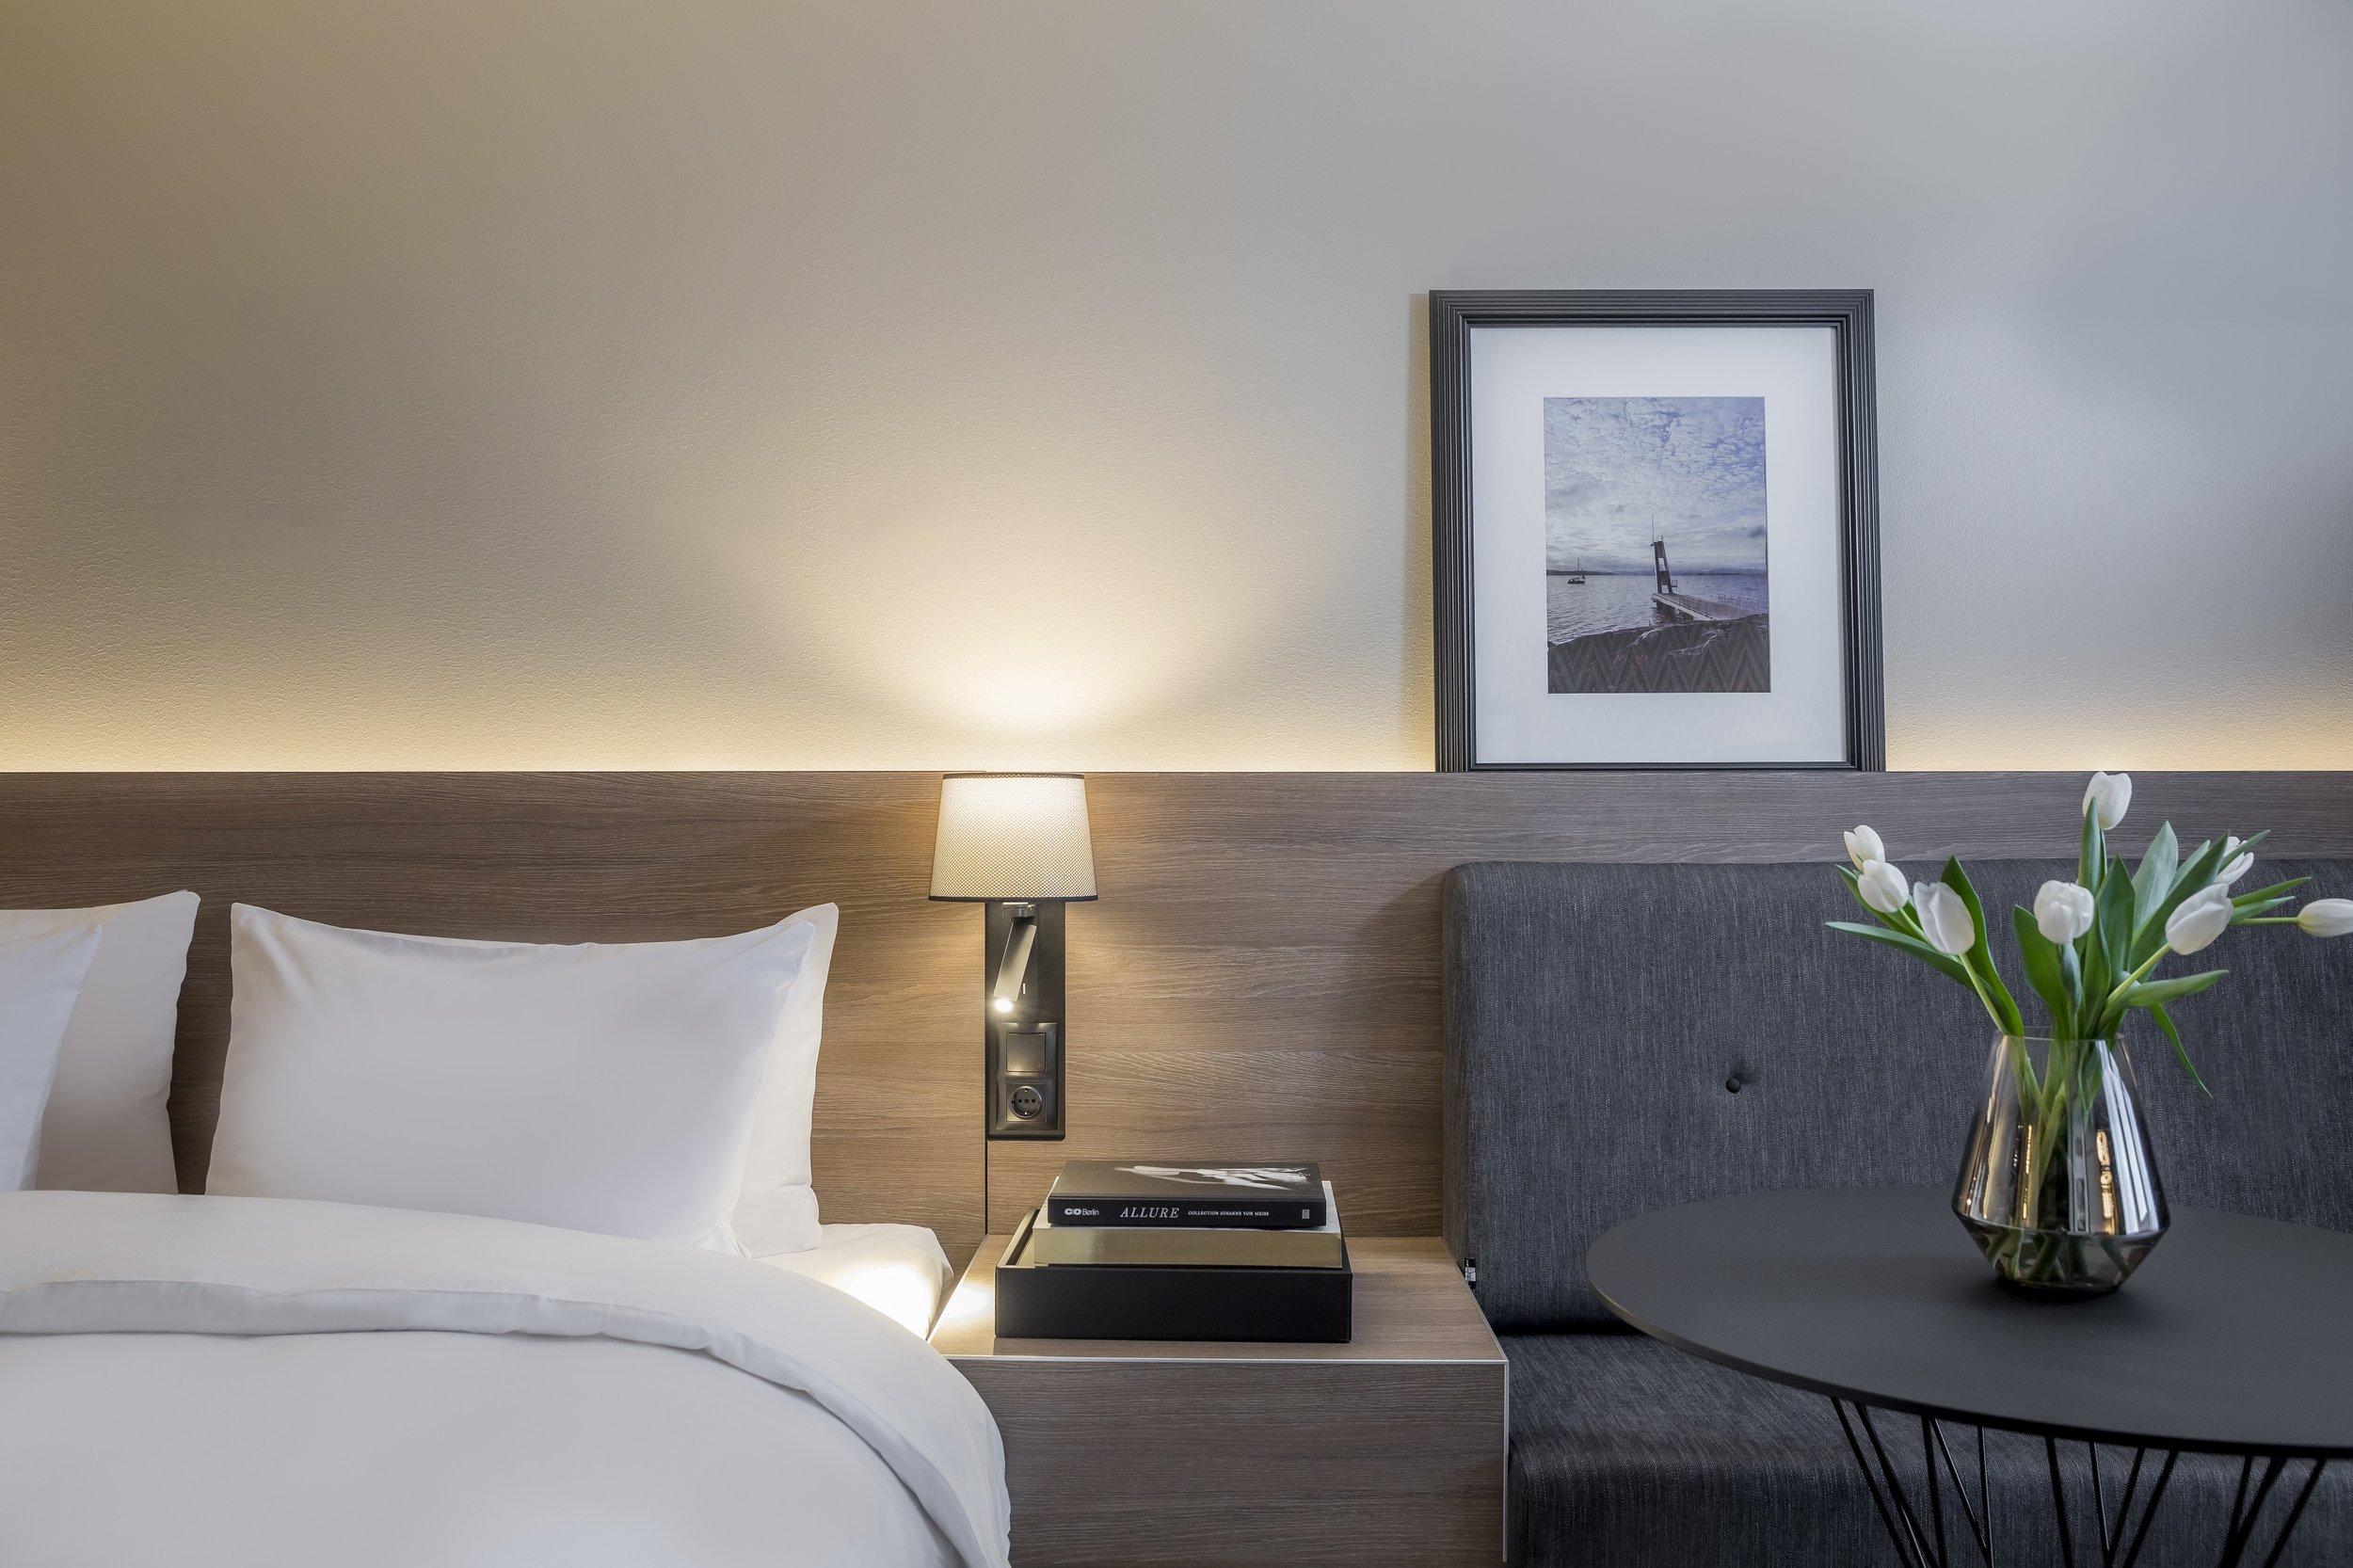 De nye rommene får dette utseendet                 Foto - Rickard L. Eriksson